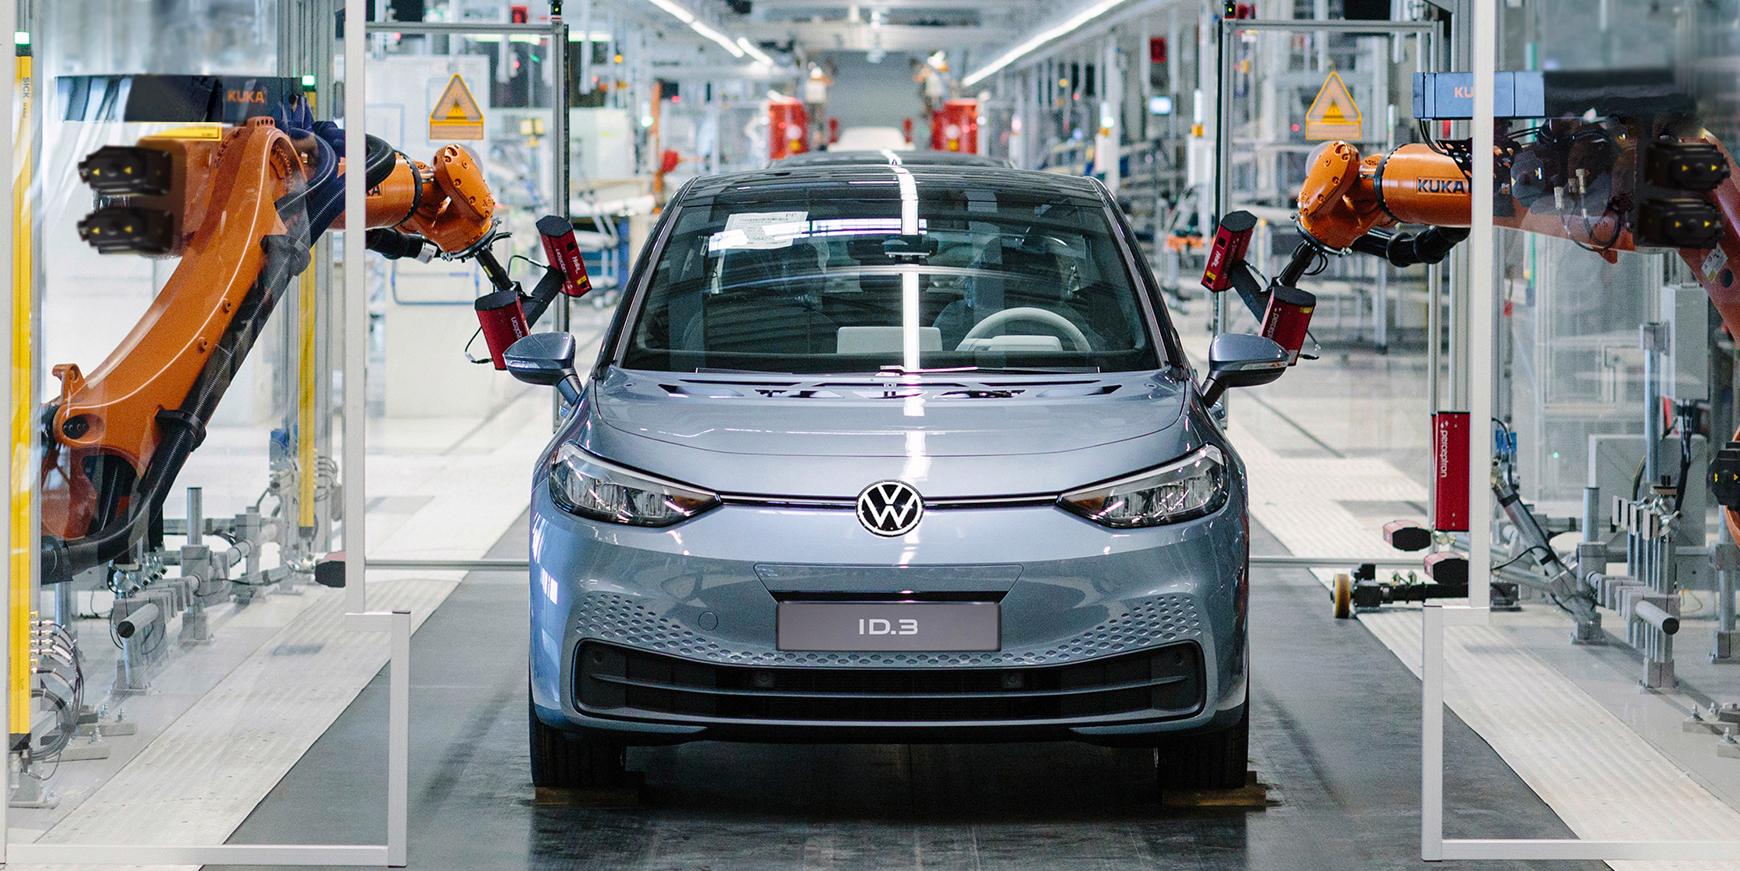 VW Volkswagen ID.3